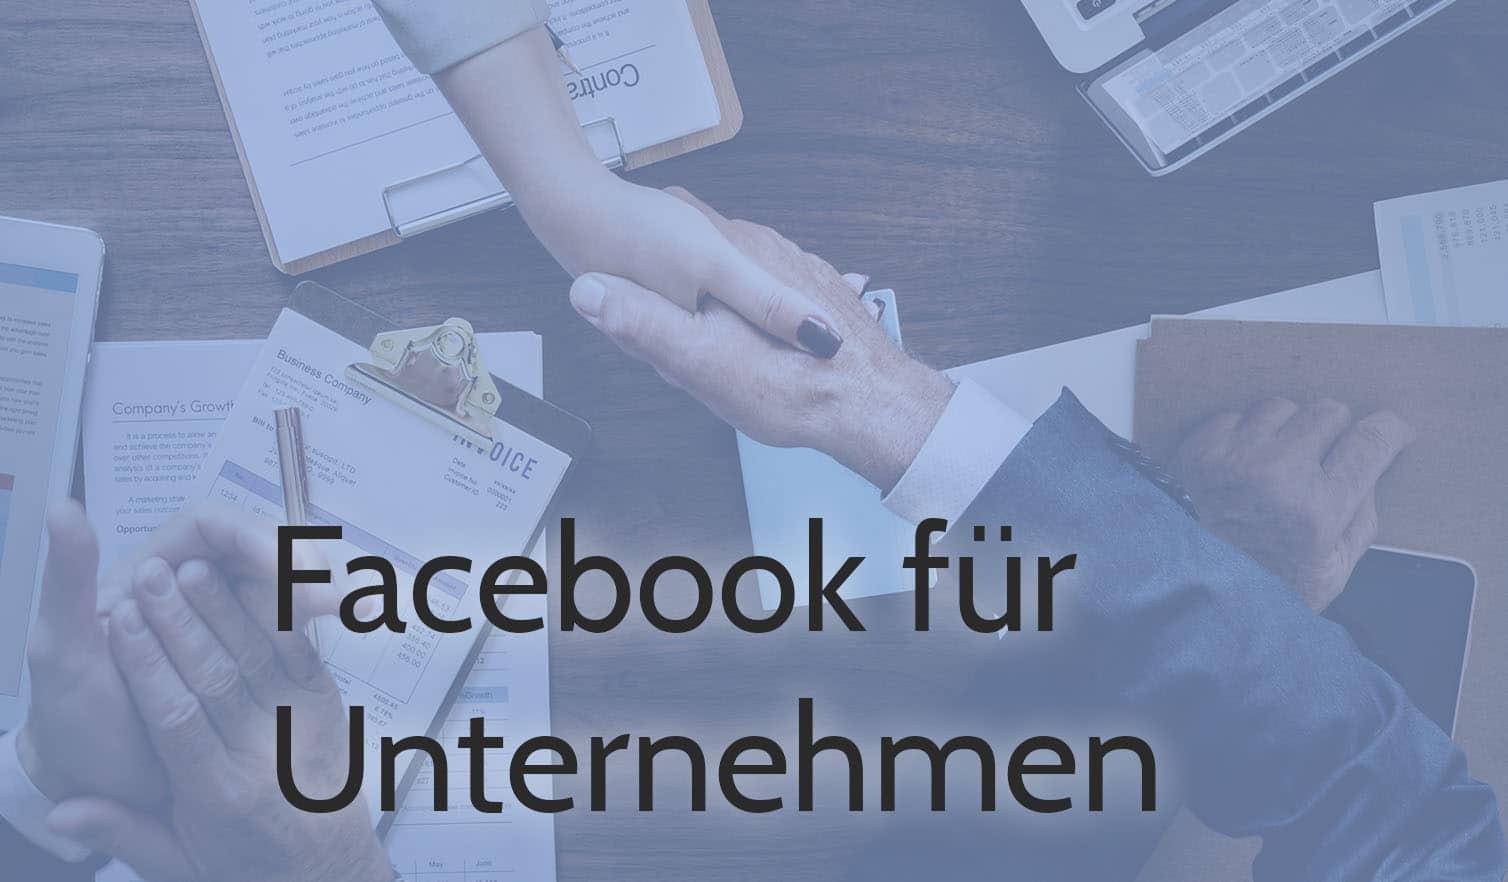 gruverde facebook fur unternehmen hände2